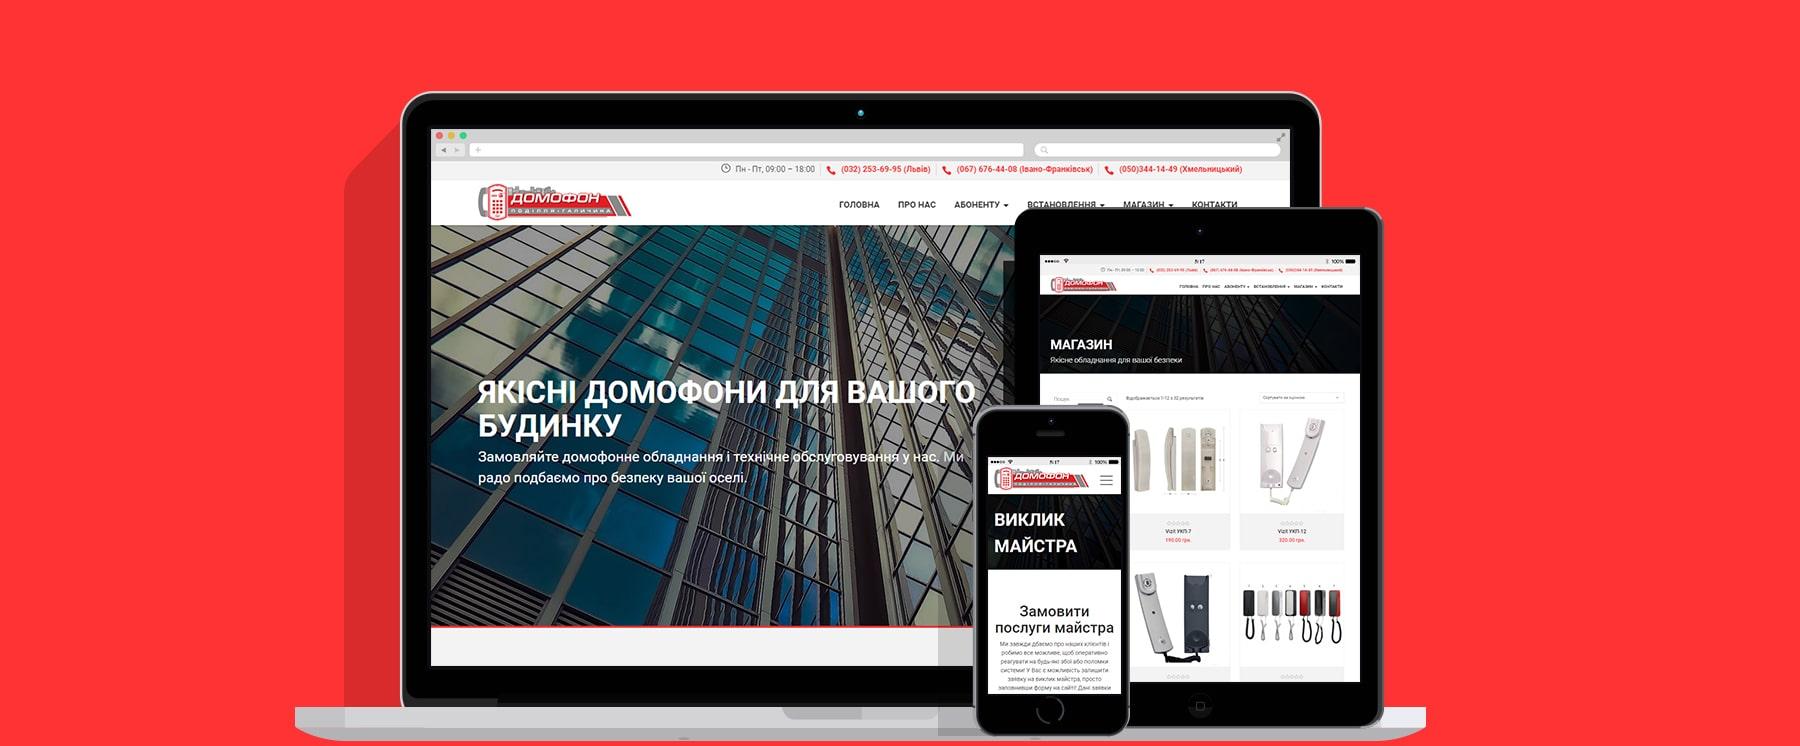 Розробка сайту Домофон Галичина